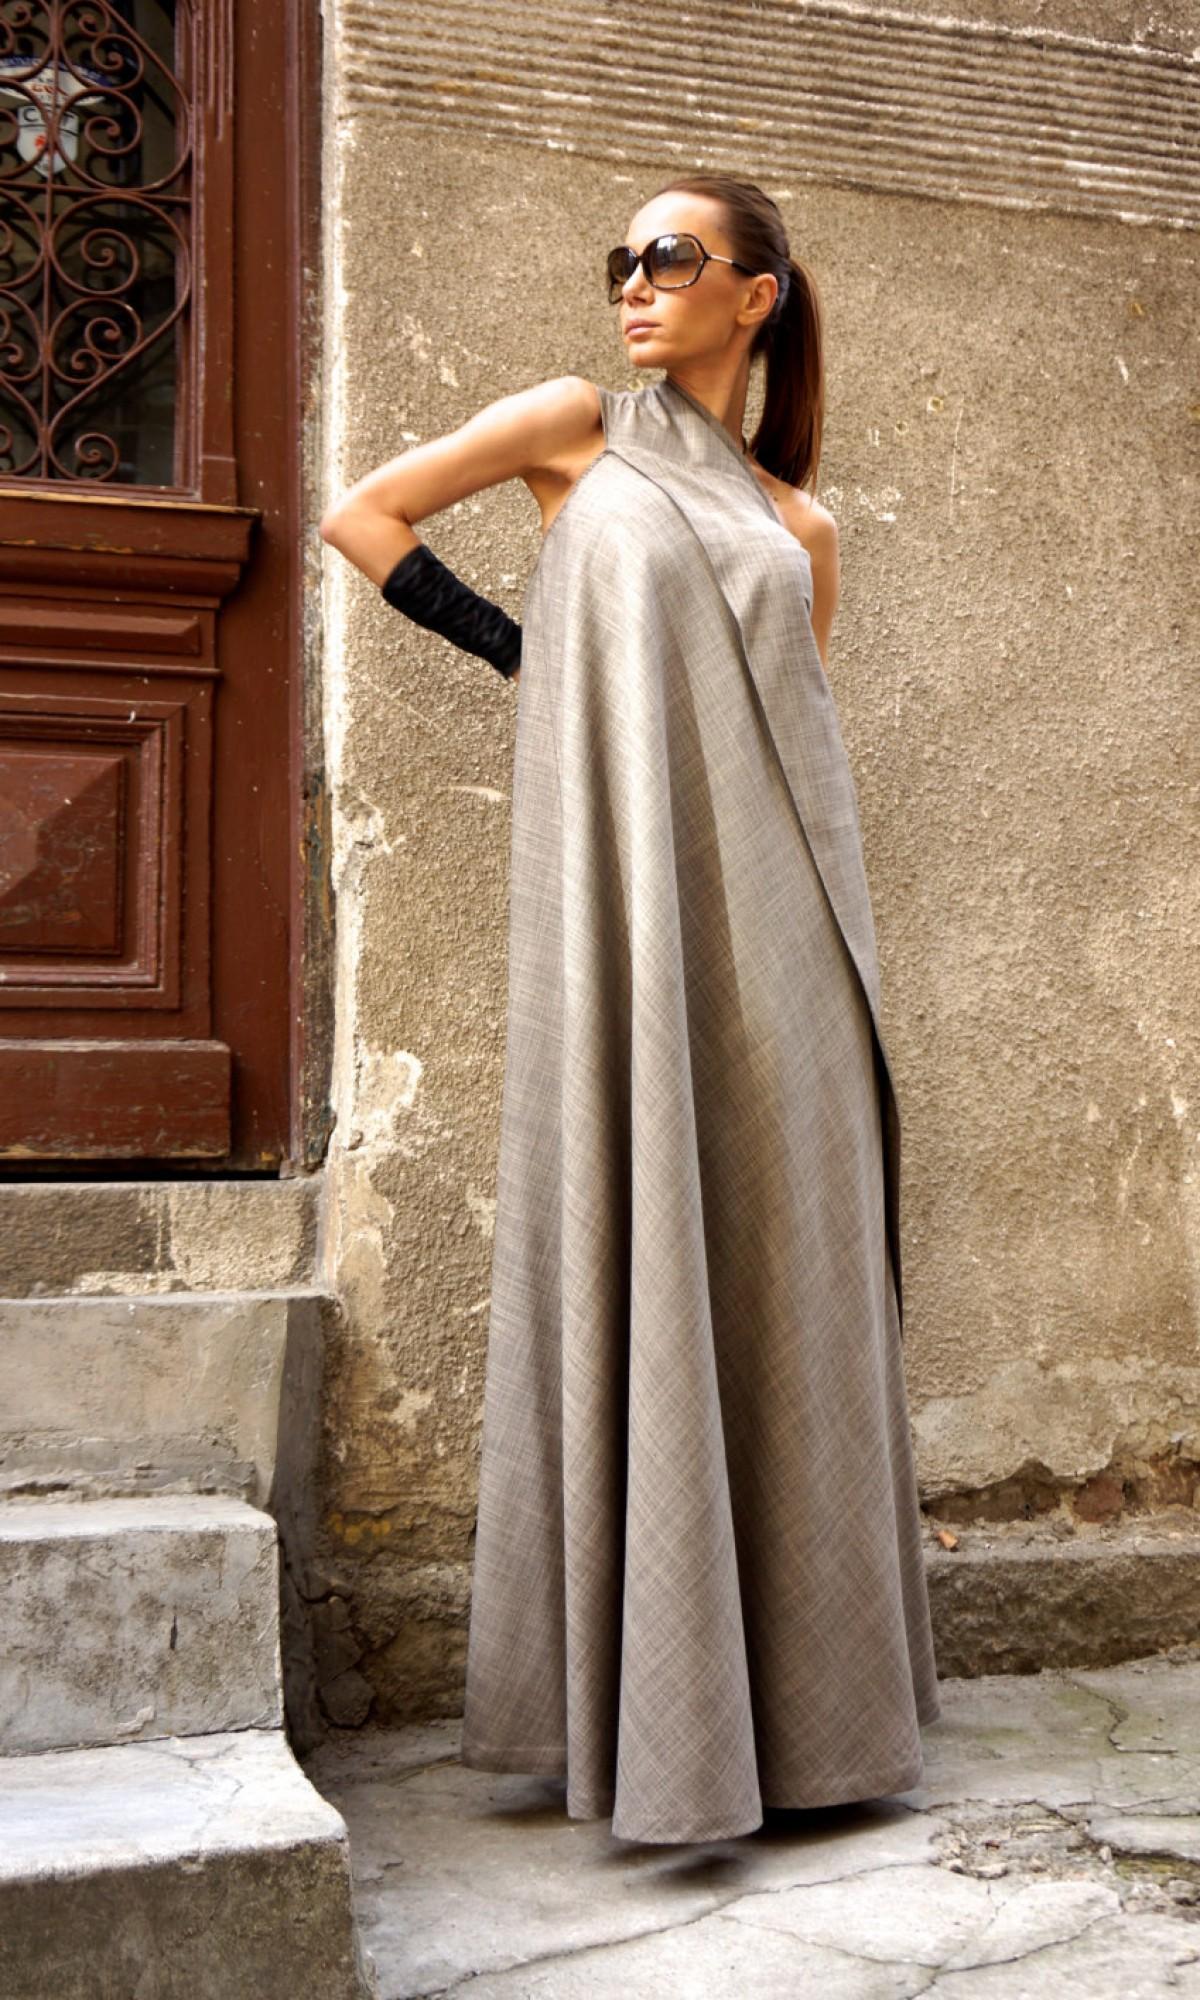 Dresses - One Shoulder Melange Beige Dress A03380